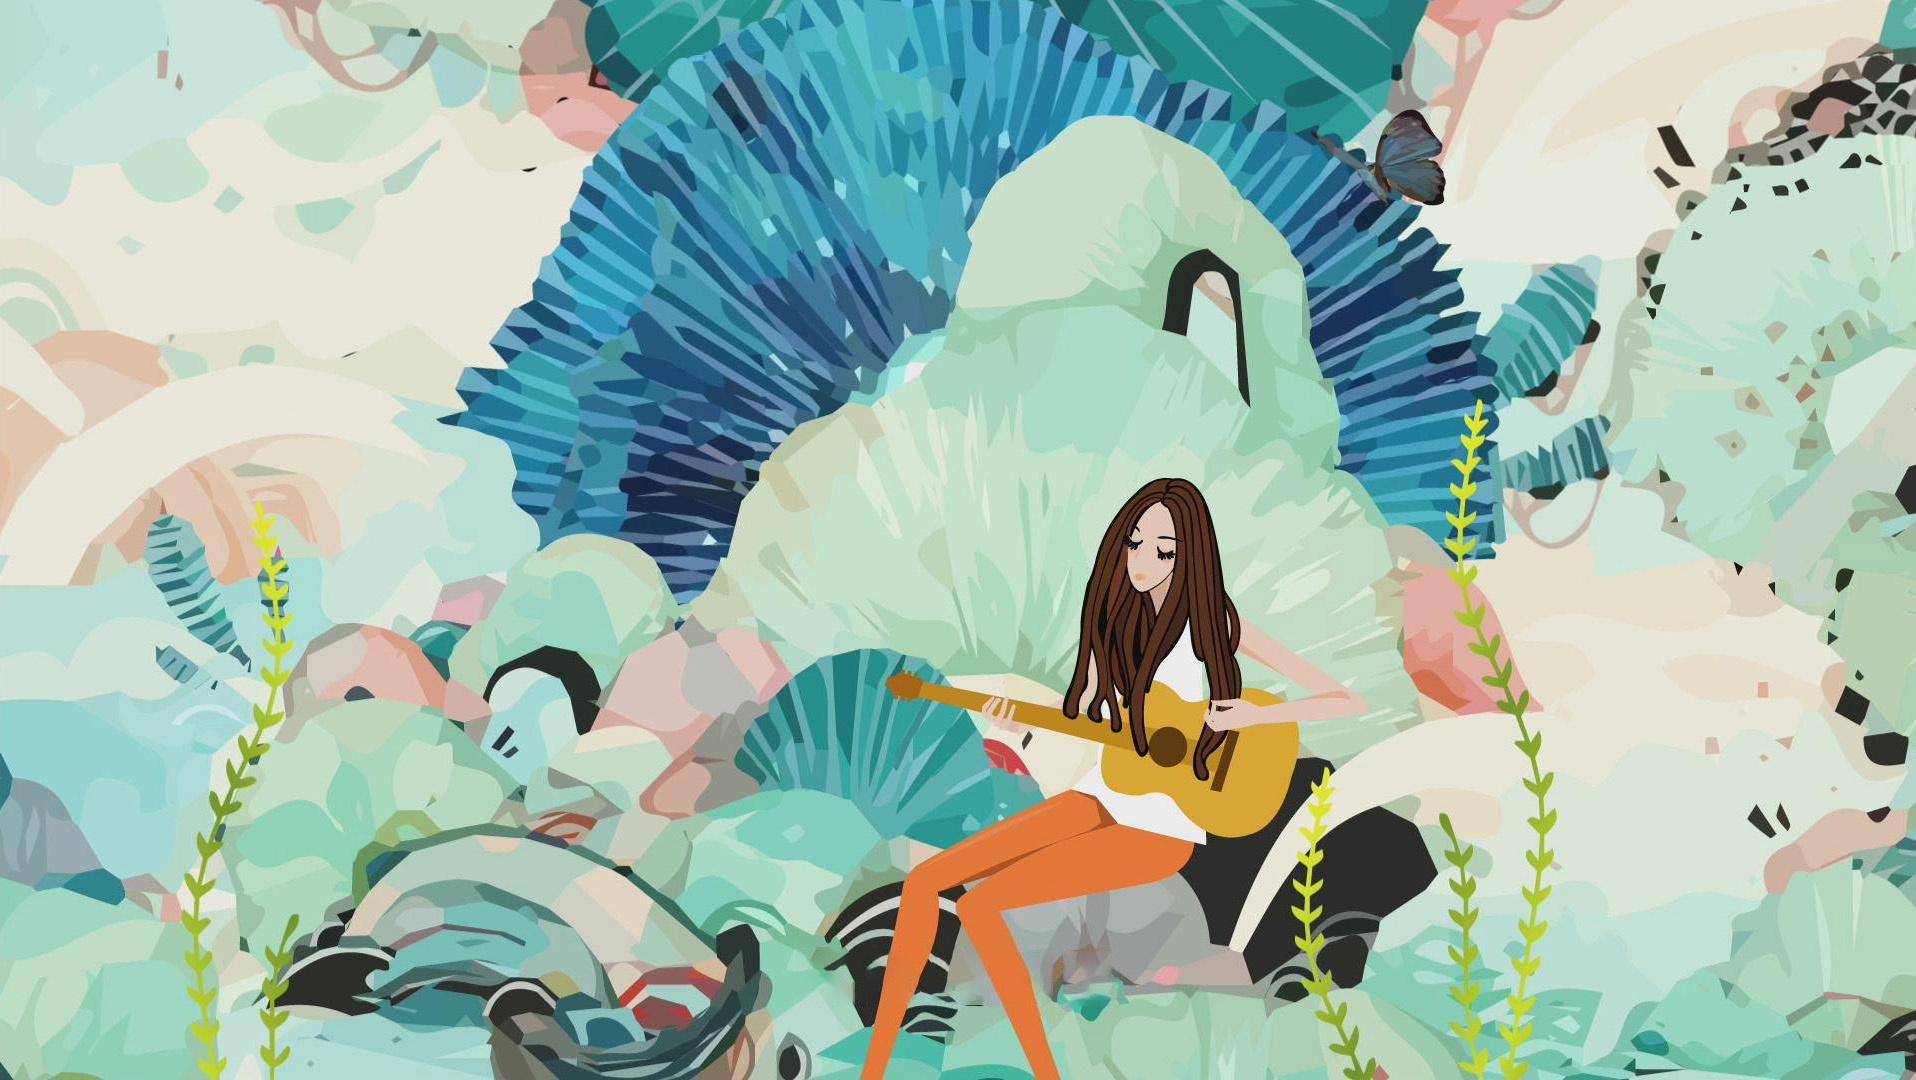 姜昕《十二月的花》发布 花败花开都是最美的姿态